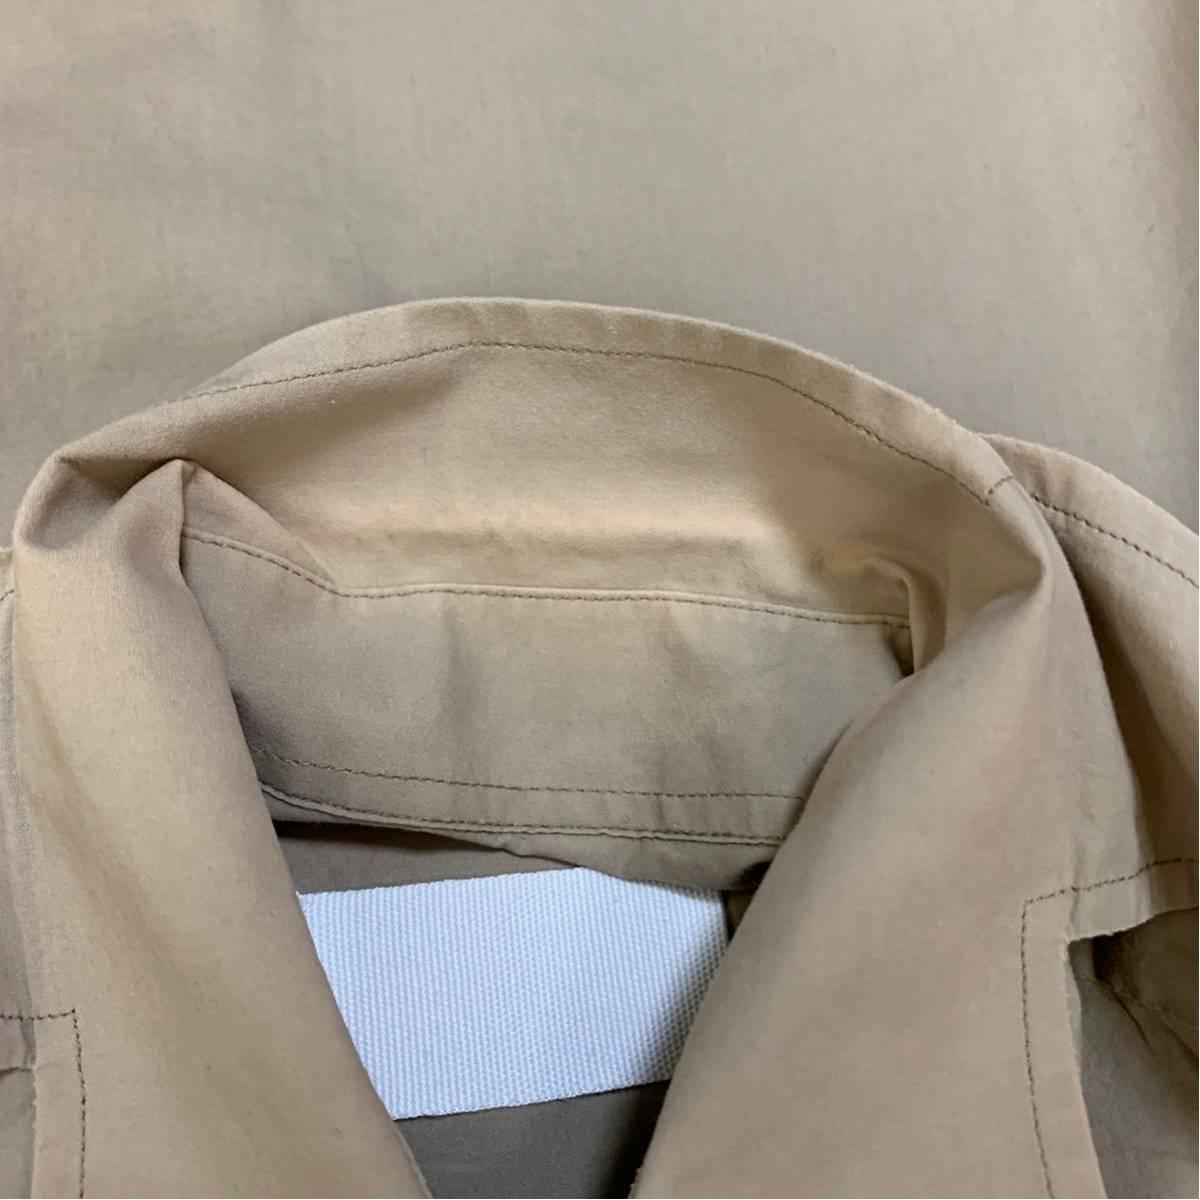 Martin Margiela 初期 変形カットオフシャツ 白タグ 2003SS アーティザナル Maison メゾンマルタンマルジェラ 1円スタート レディース _画像9